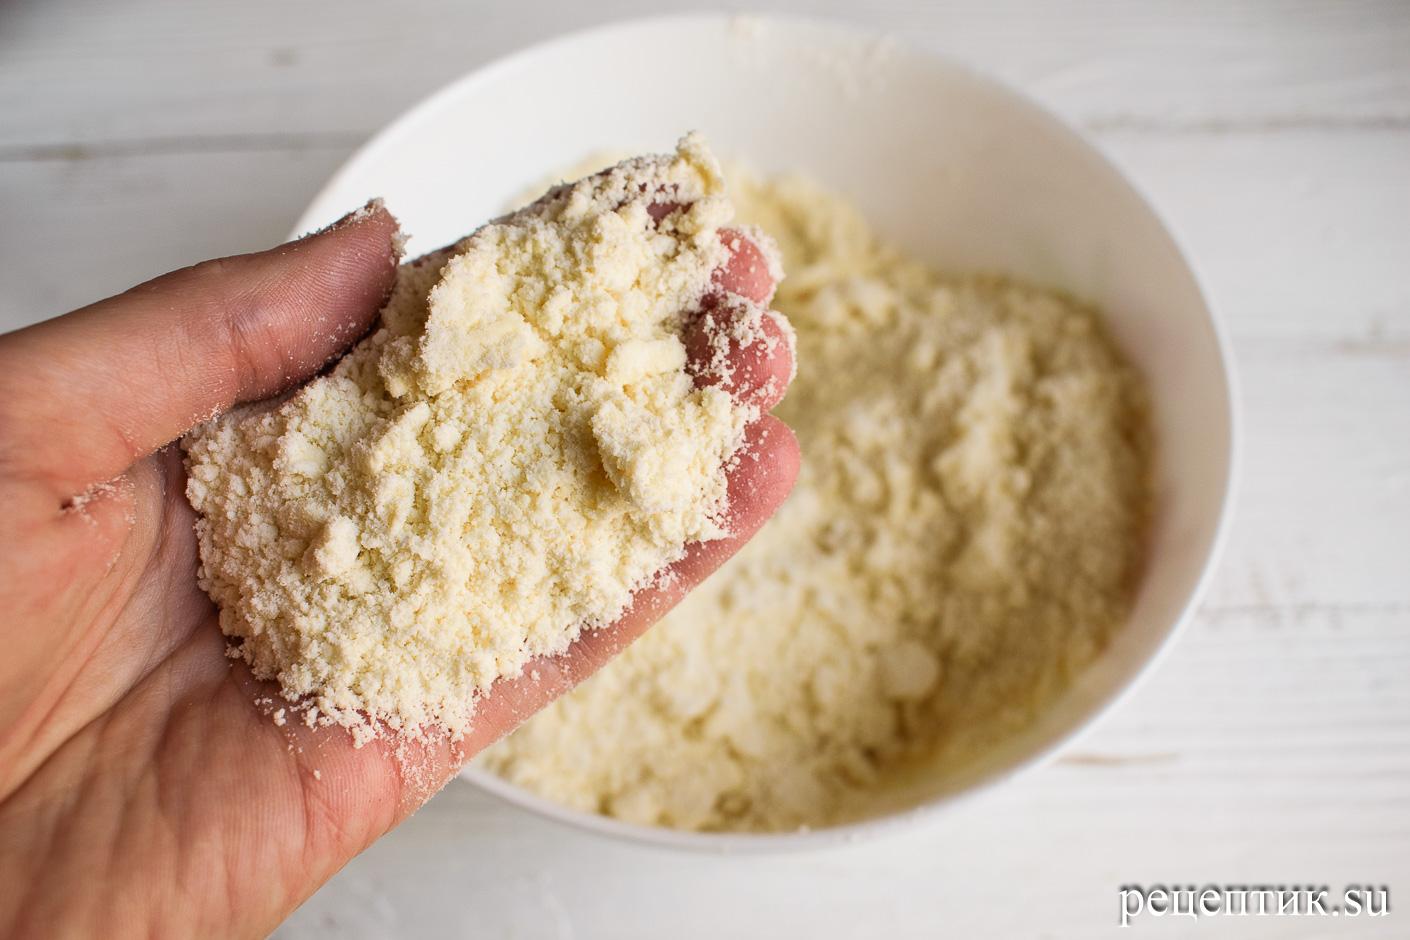 Песочное печенье к чаю — самое простое и самое вкусное - рецепт с фото, шаг 2